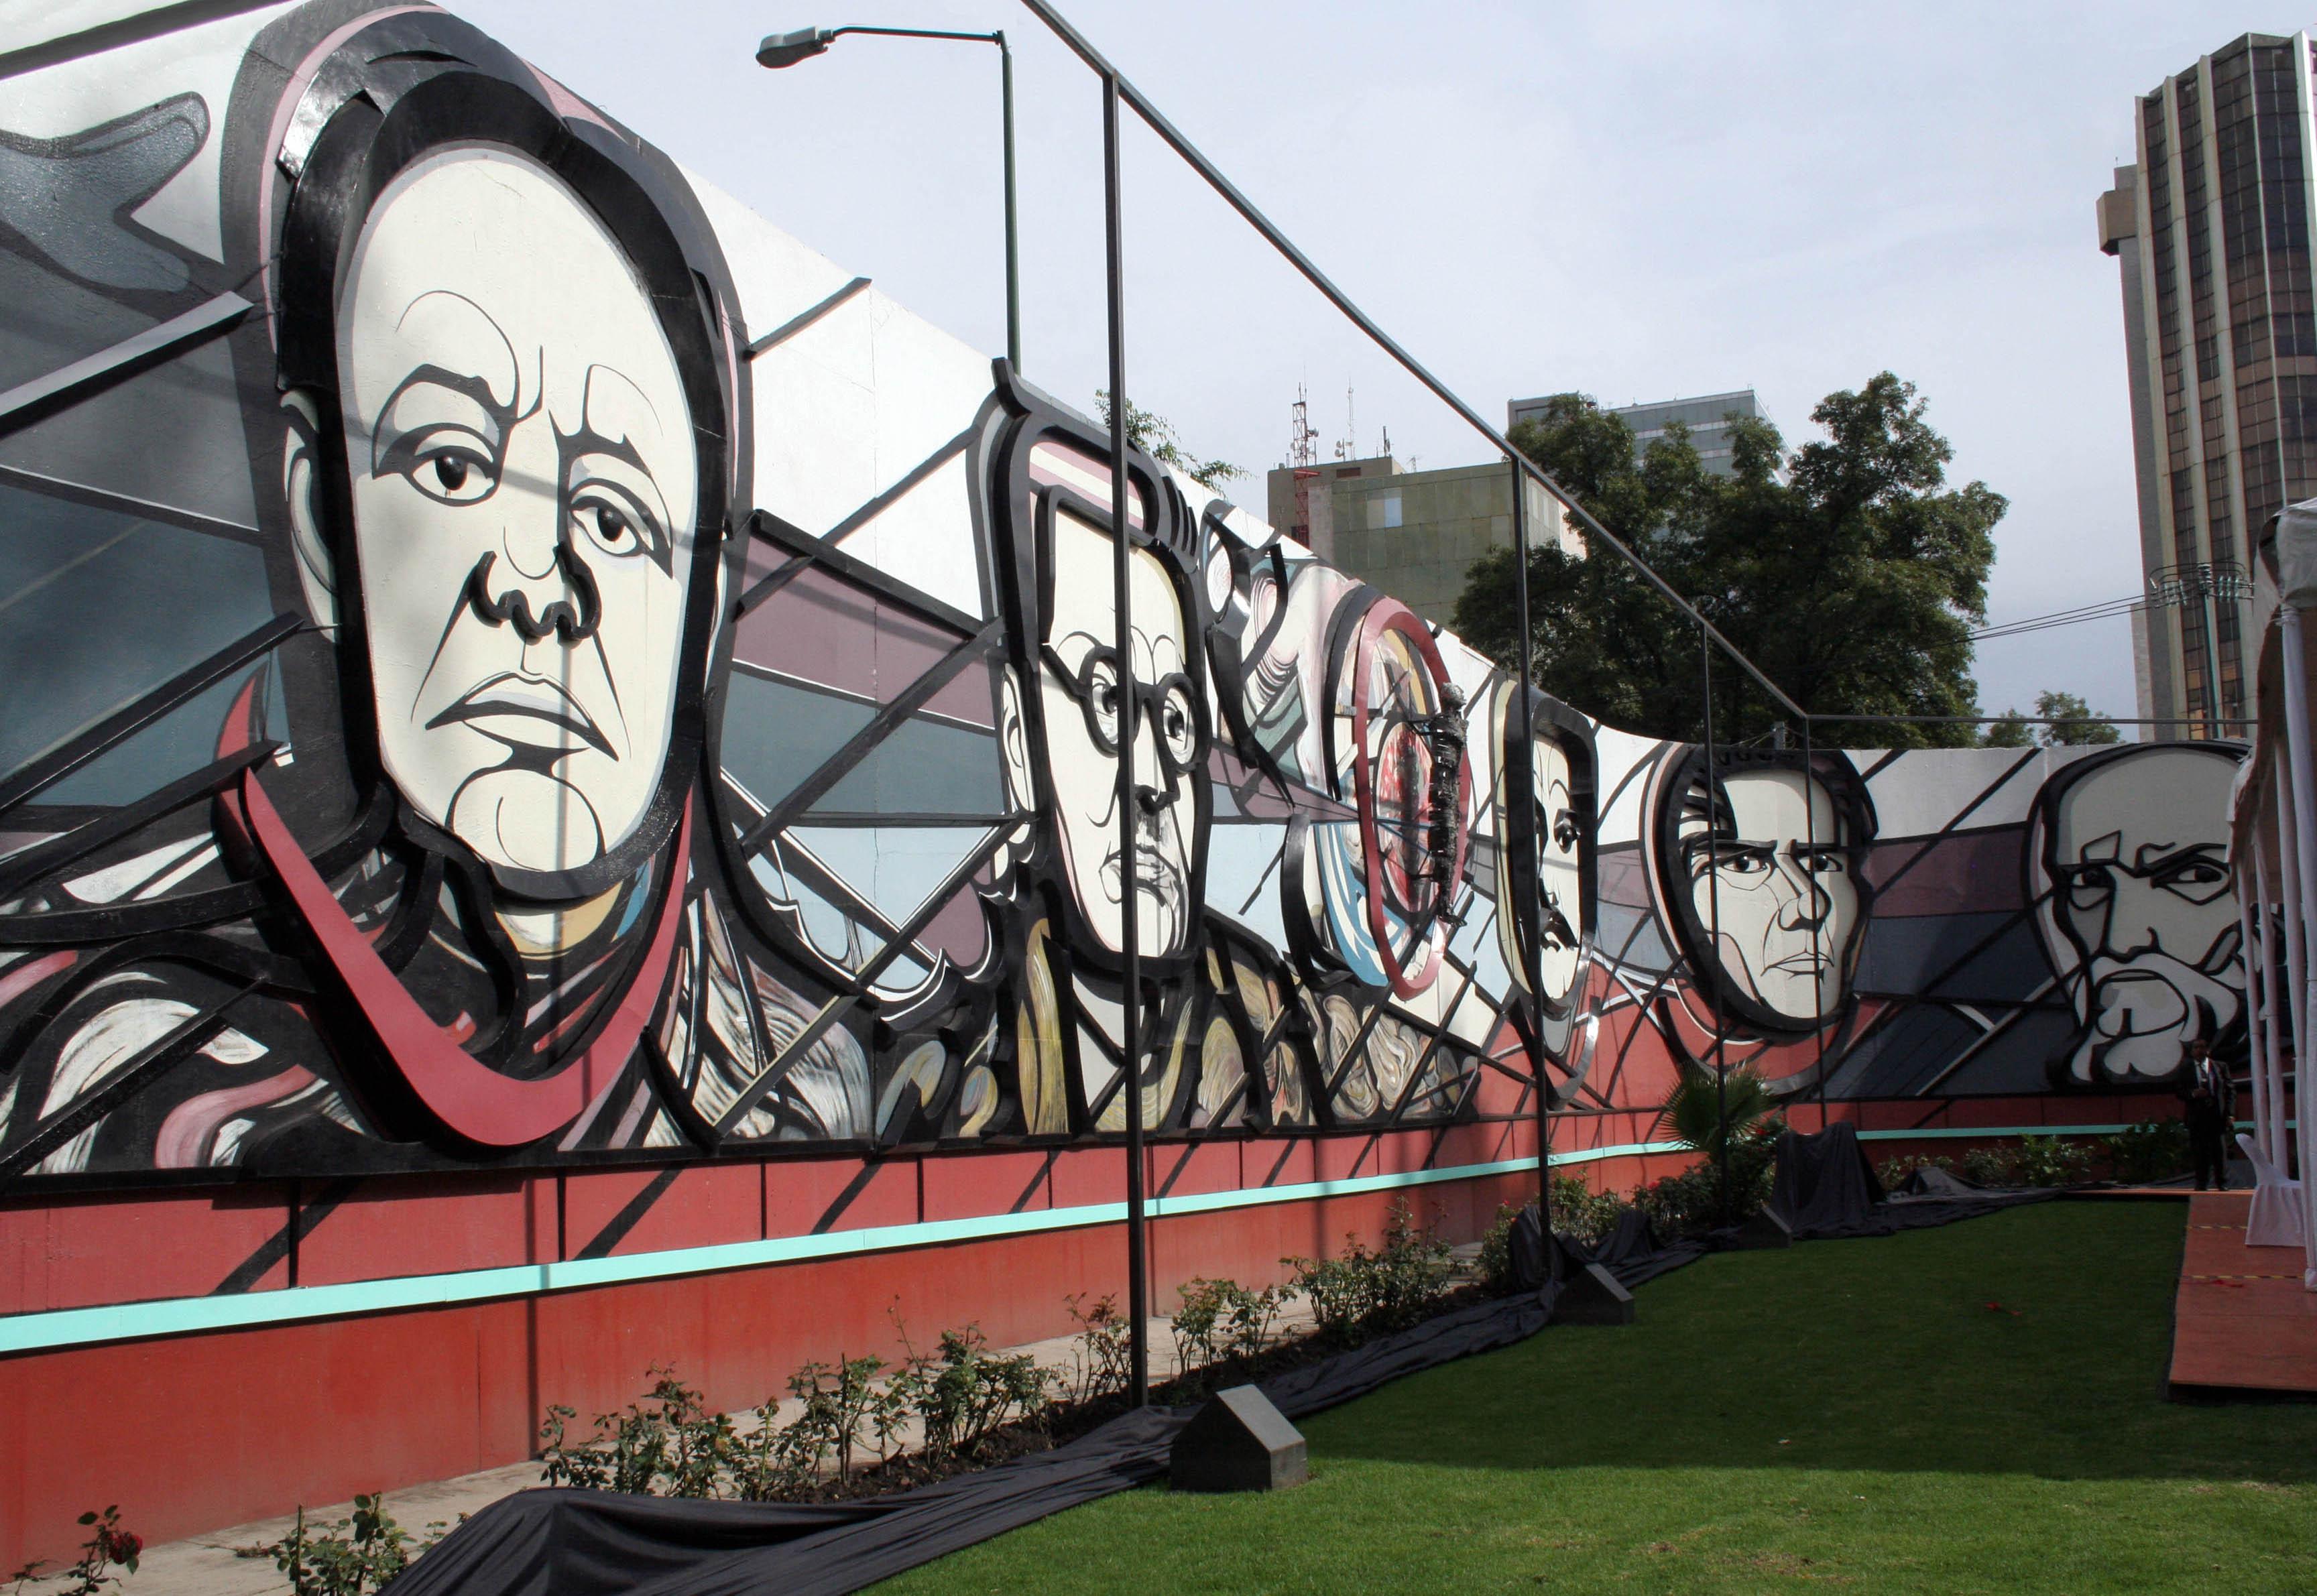 Critica Social Desde Los Murales De La Ciudad Maspormas